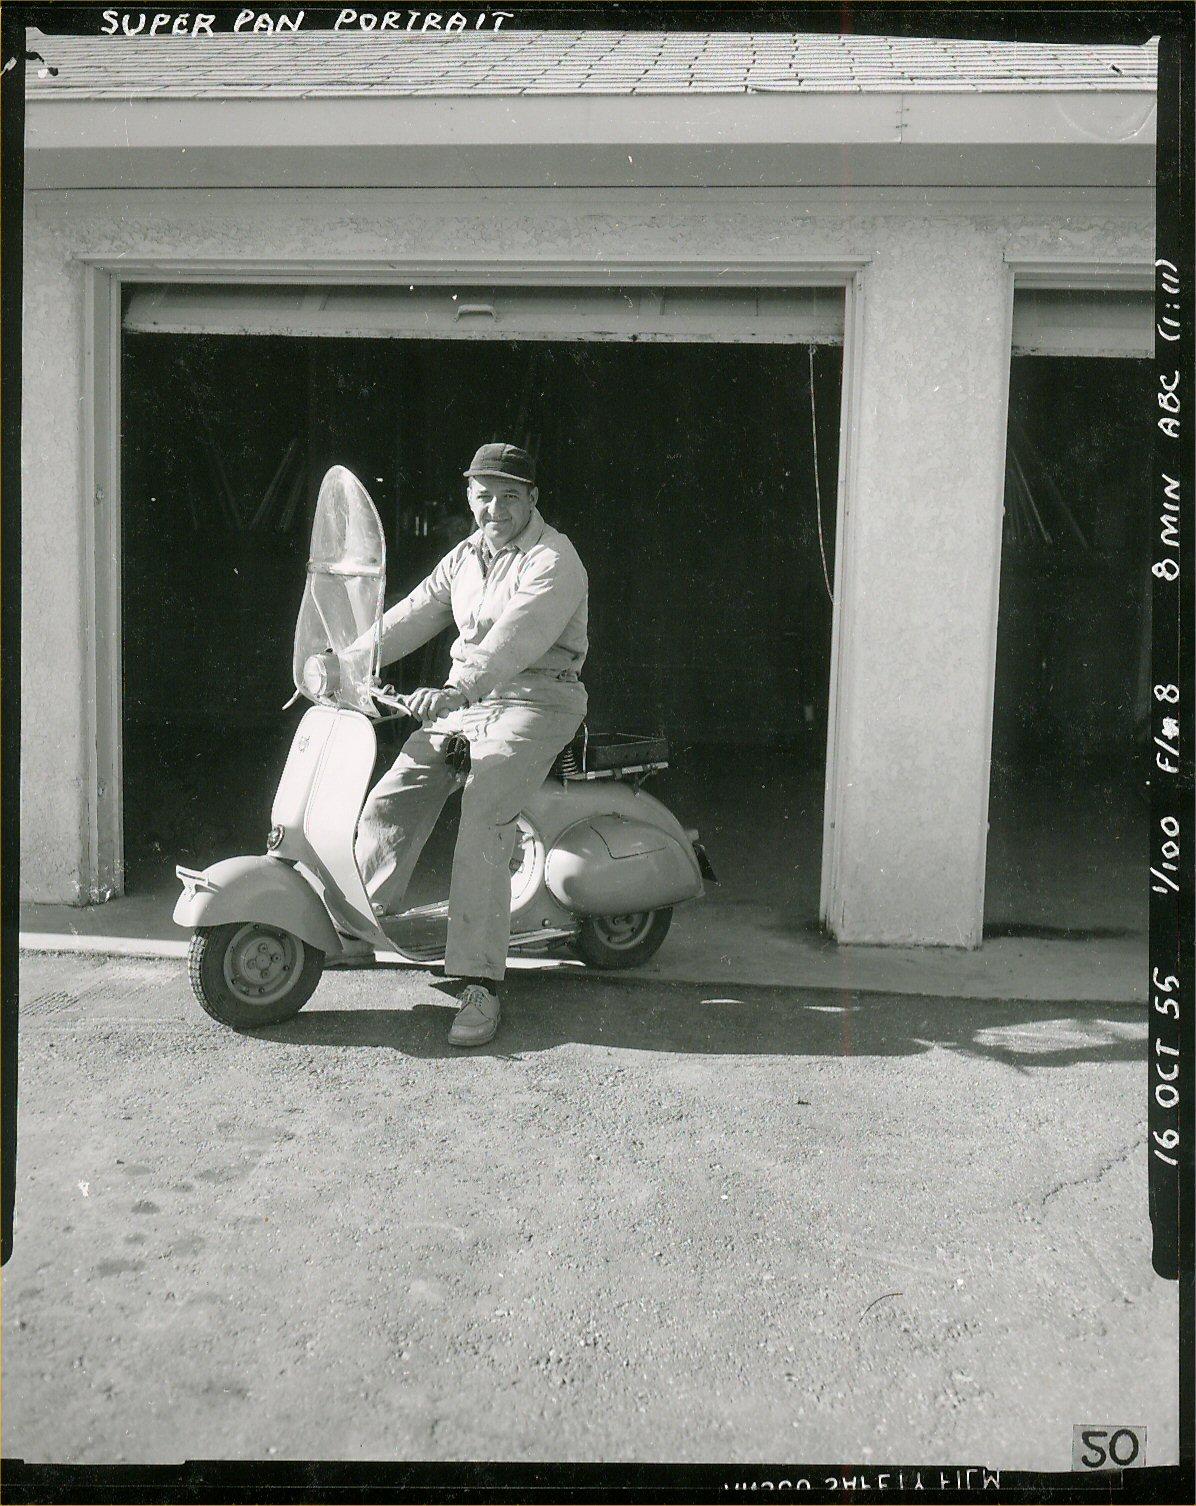 1955 10 Oct 16 the Putt-putt a